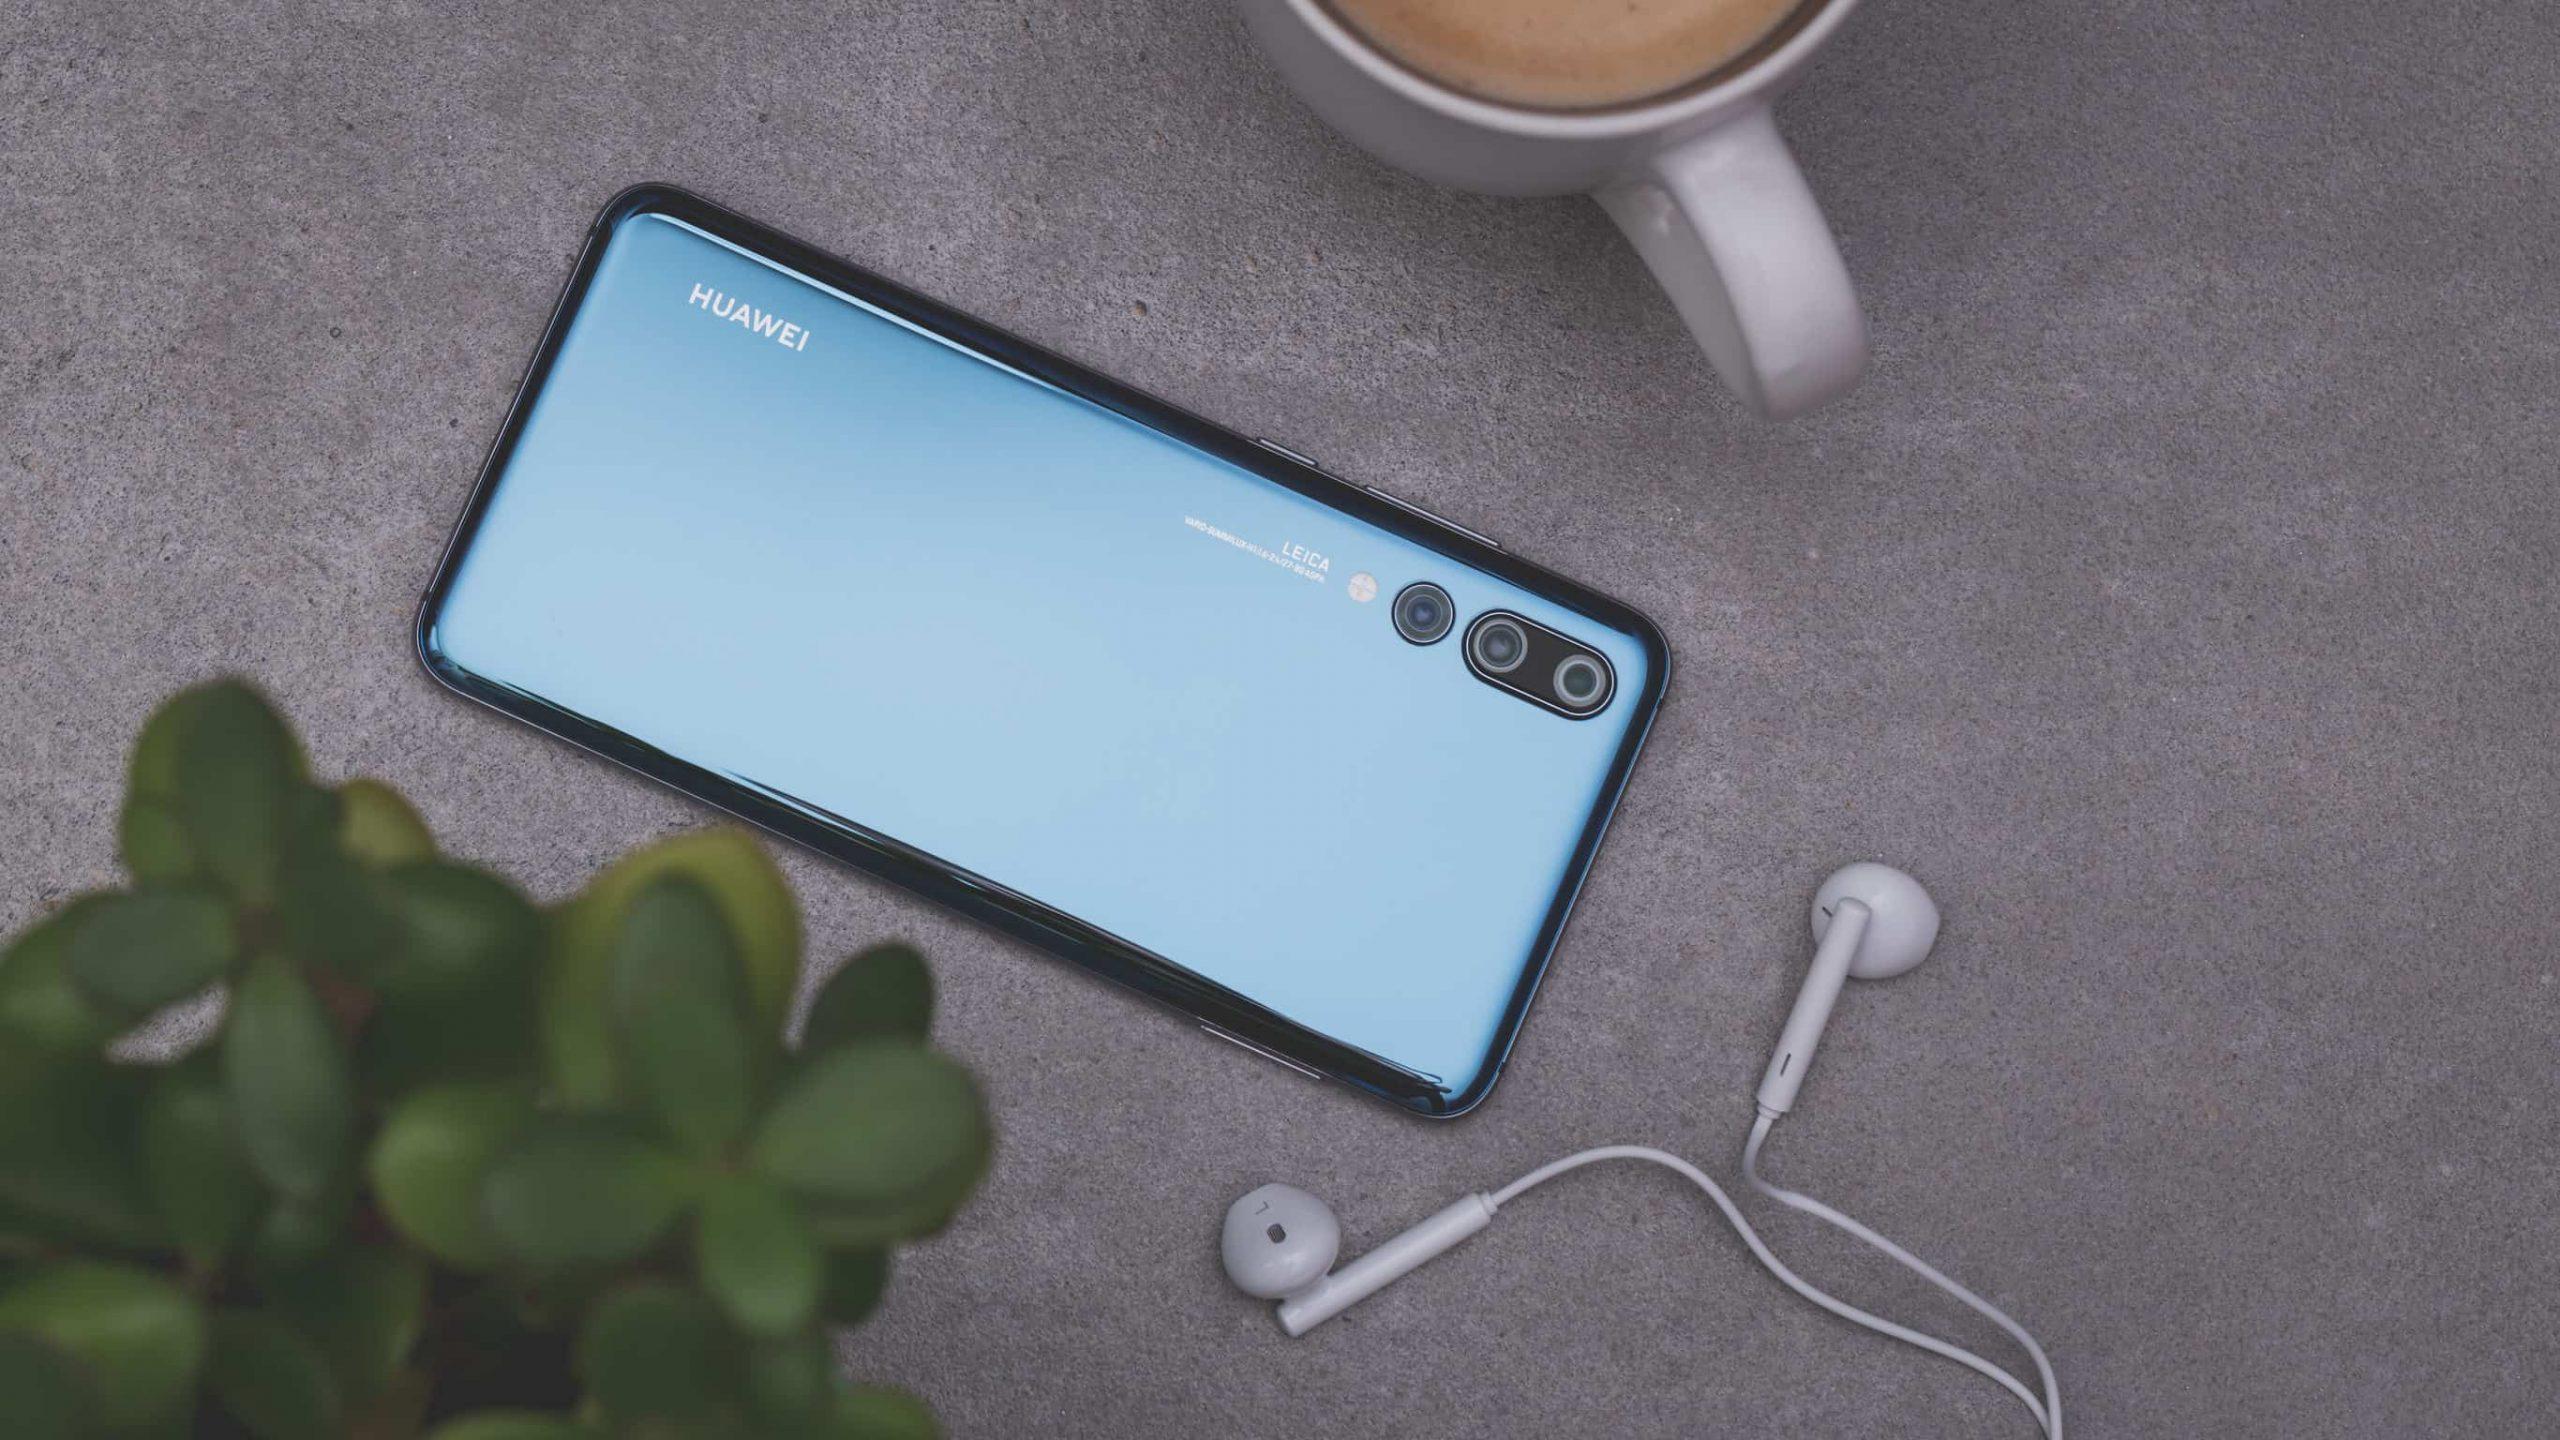 Na foto um celular Huawei com fones de ouvido e uma caneca ao lado.